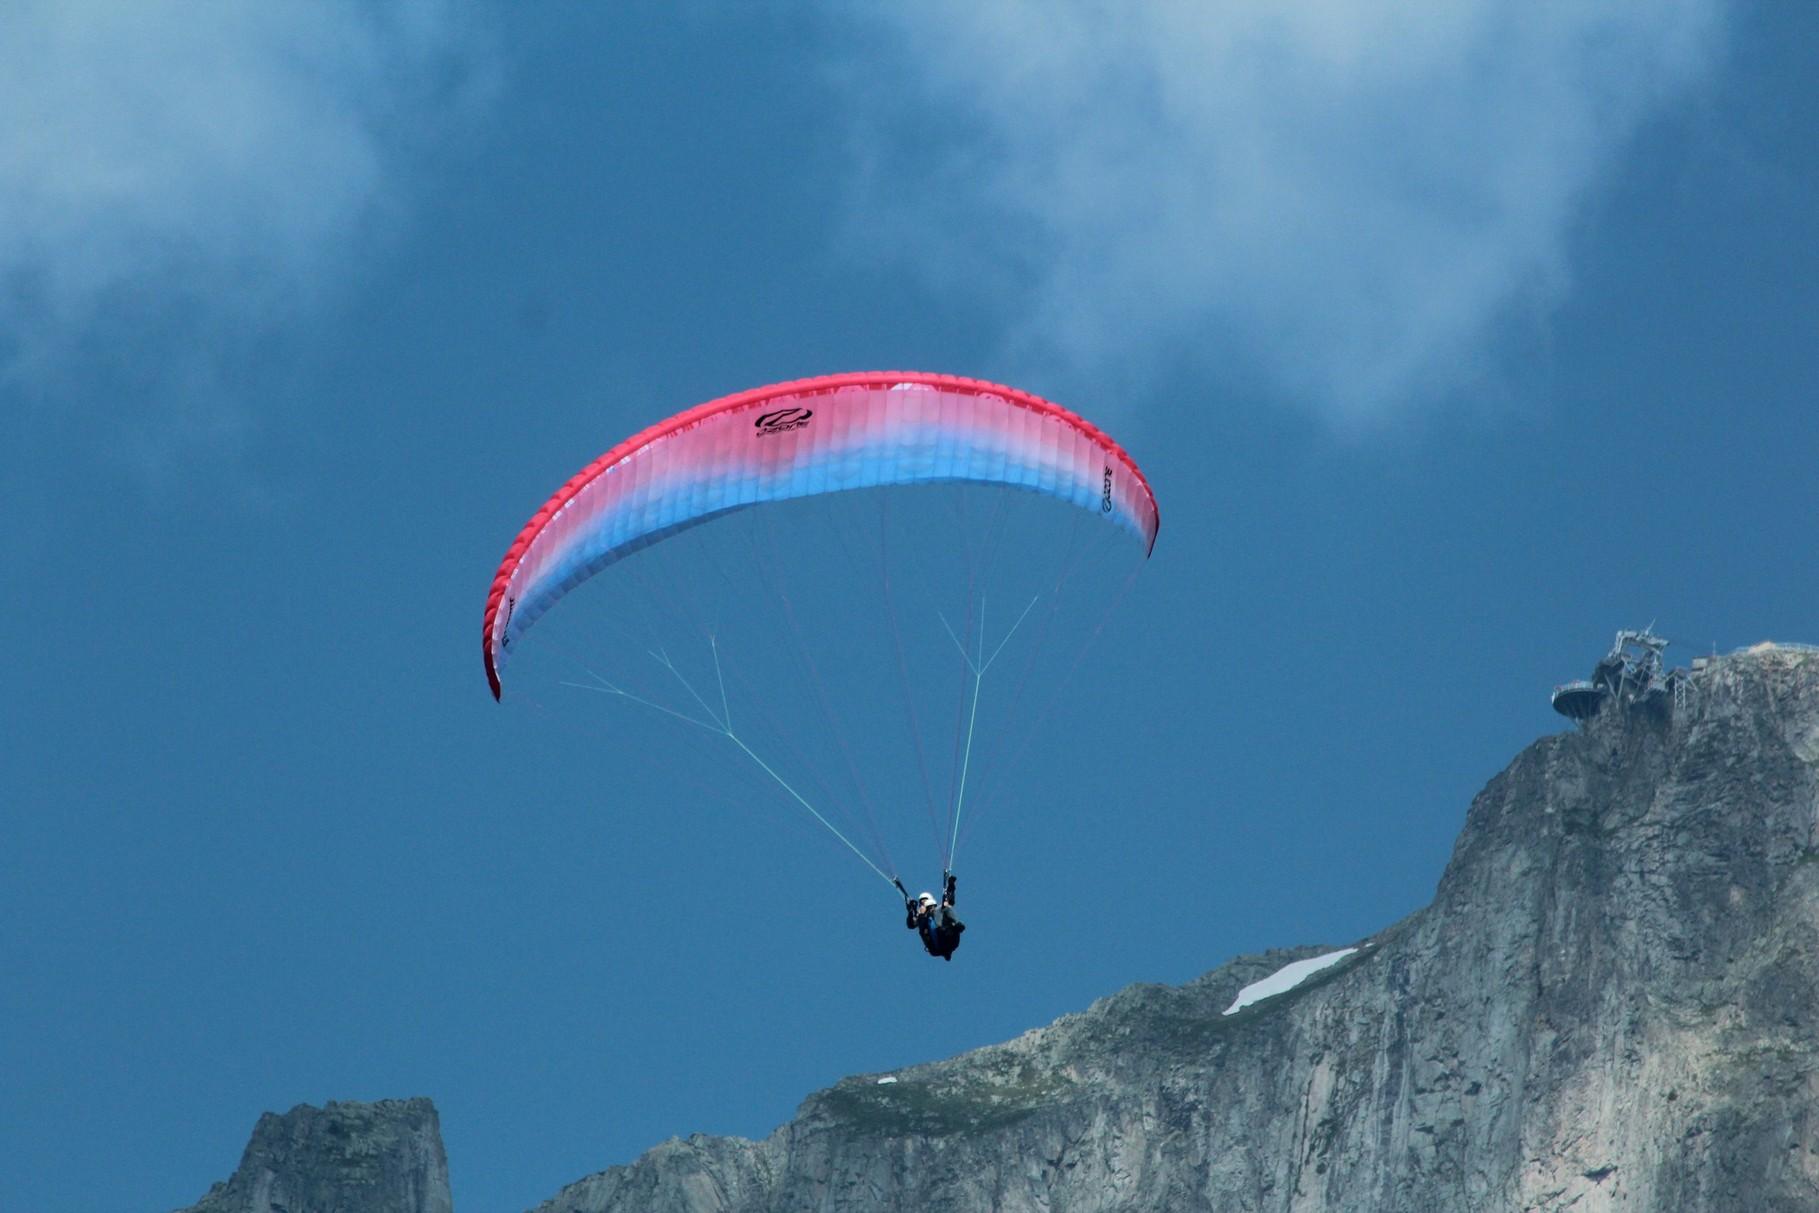 Au dessus des monts - photo proposée par Pascale B.